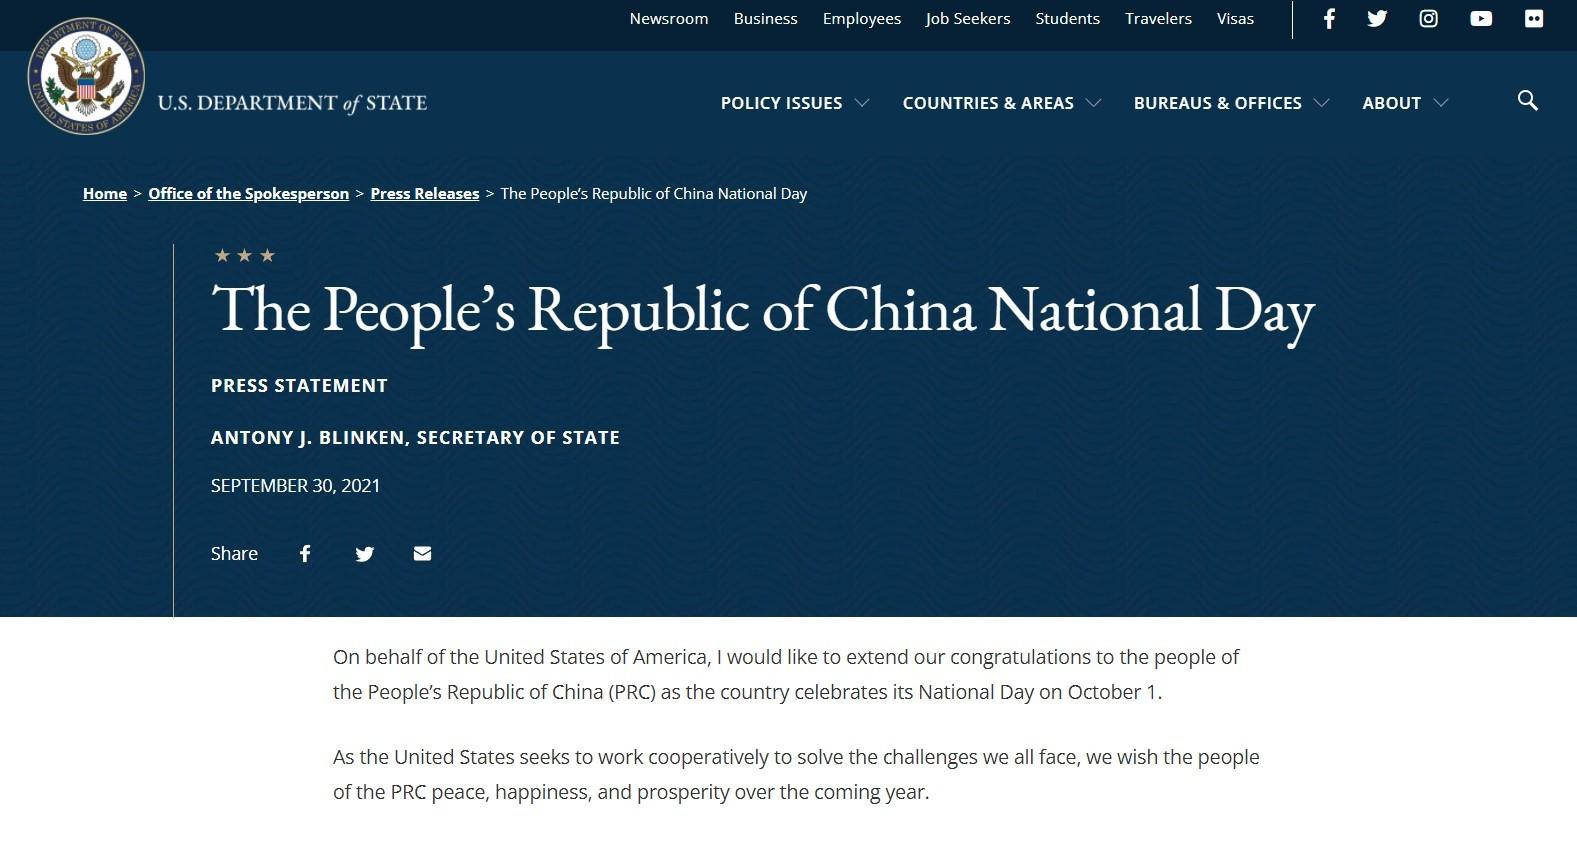 美国务卿布林肯发声明祝贺中华人民共和国国庆_图1-1